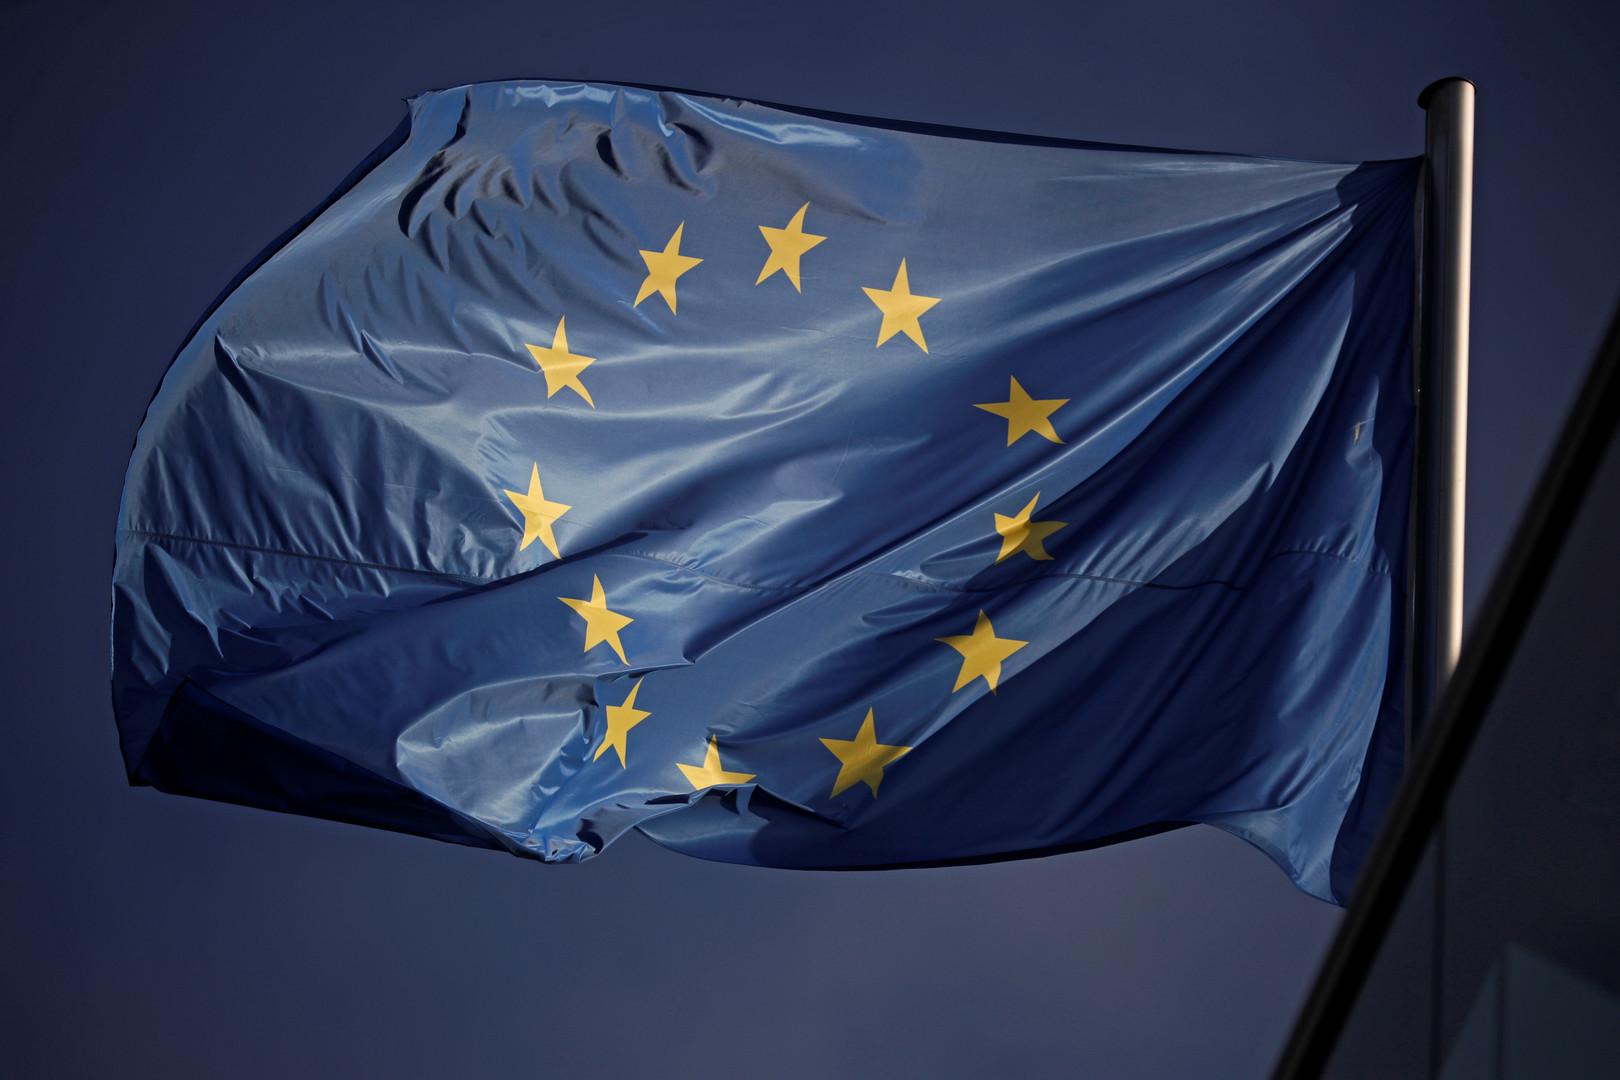 رويترز: الاتحاد الأوروبي بصدد إدراج السعودية على قائمة رمادية